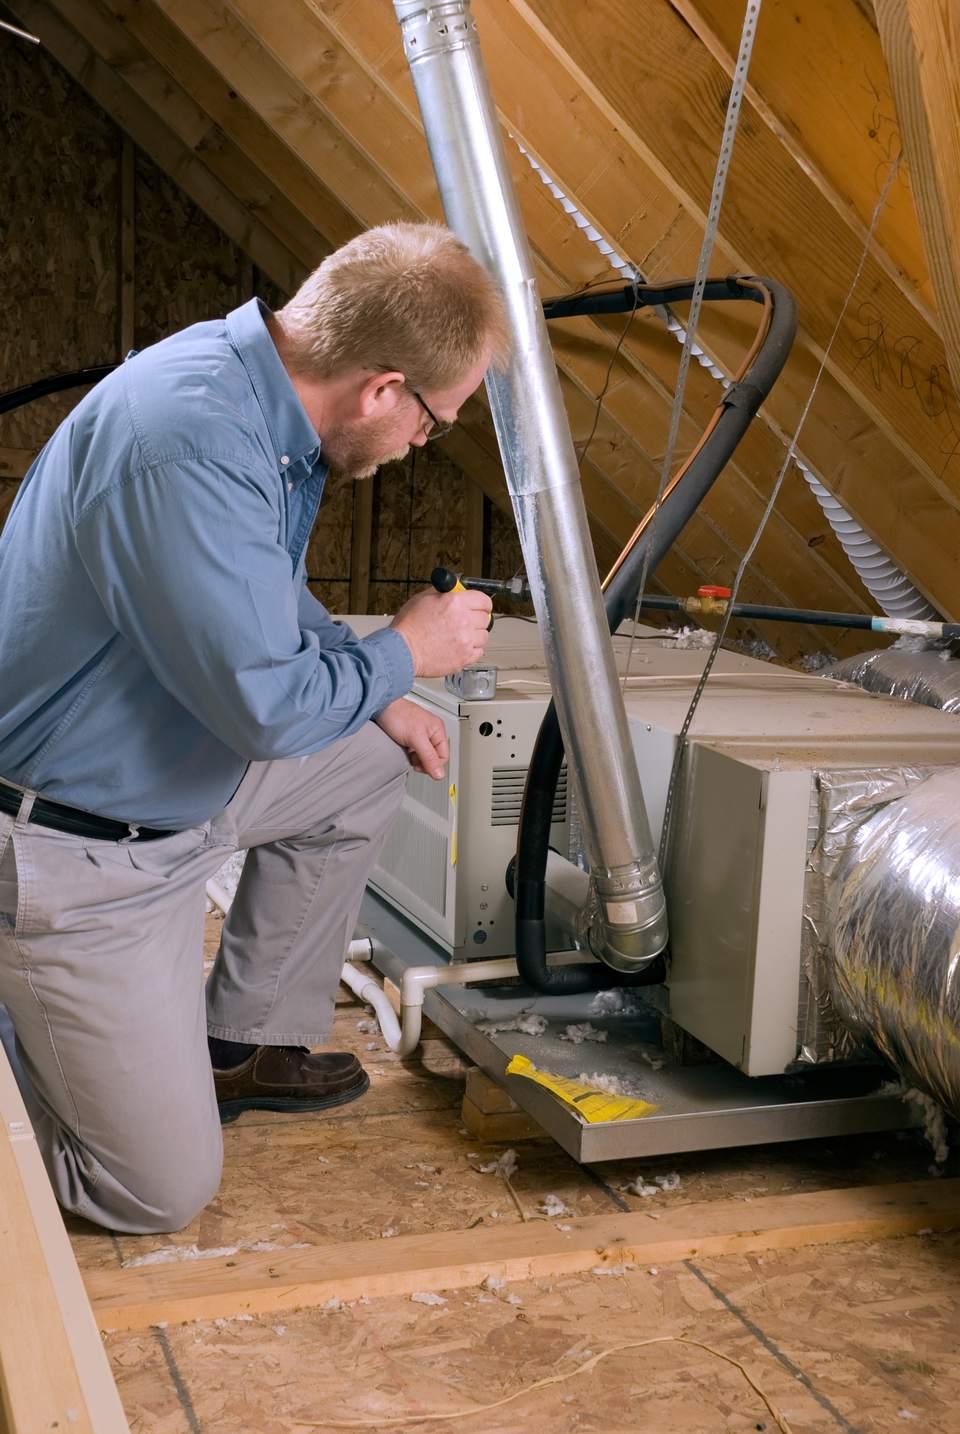 A service expert inspects a furnace